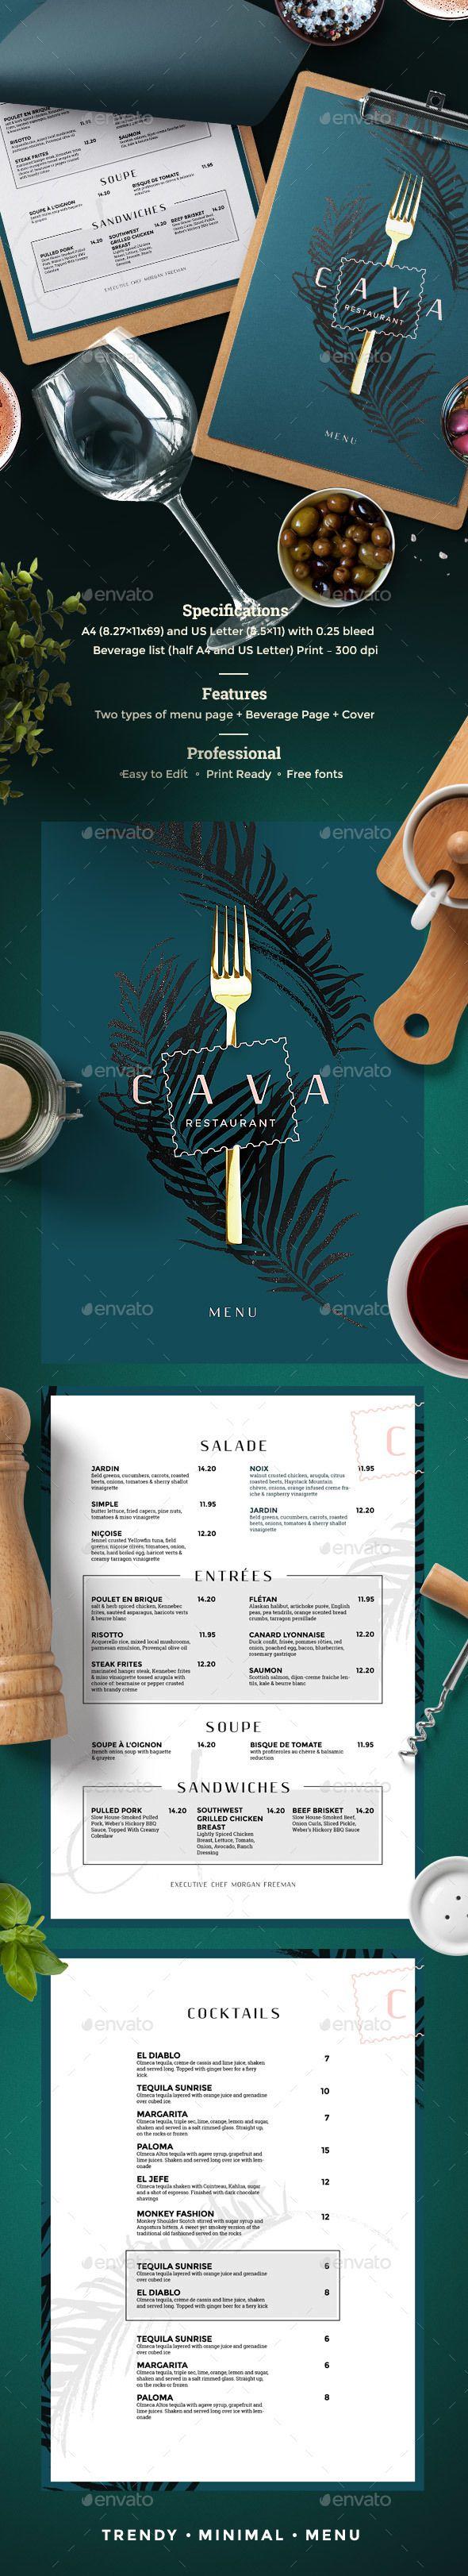 Restaurant Menu | Diseño editorial, Editorial y Ilustraciones